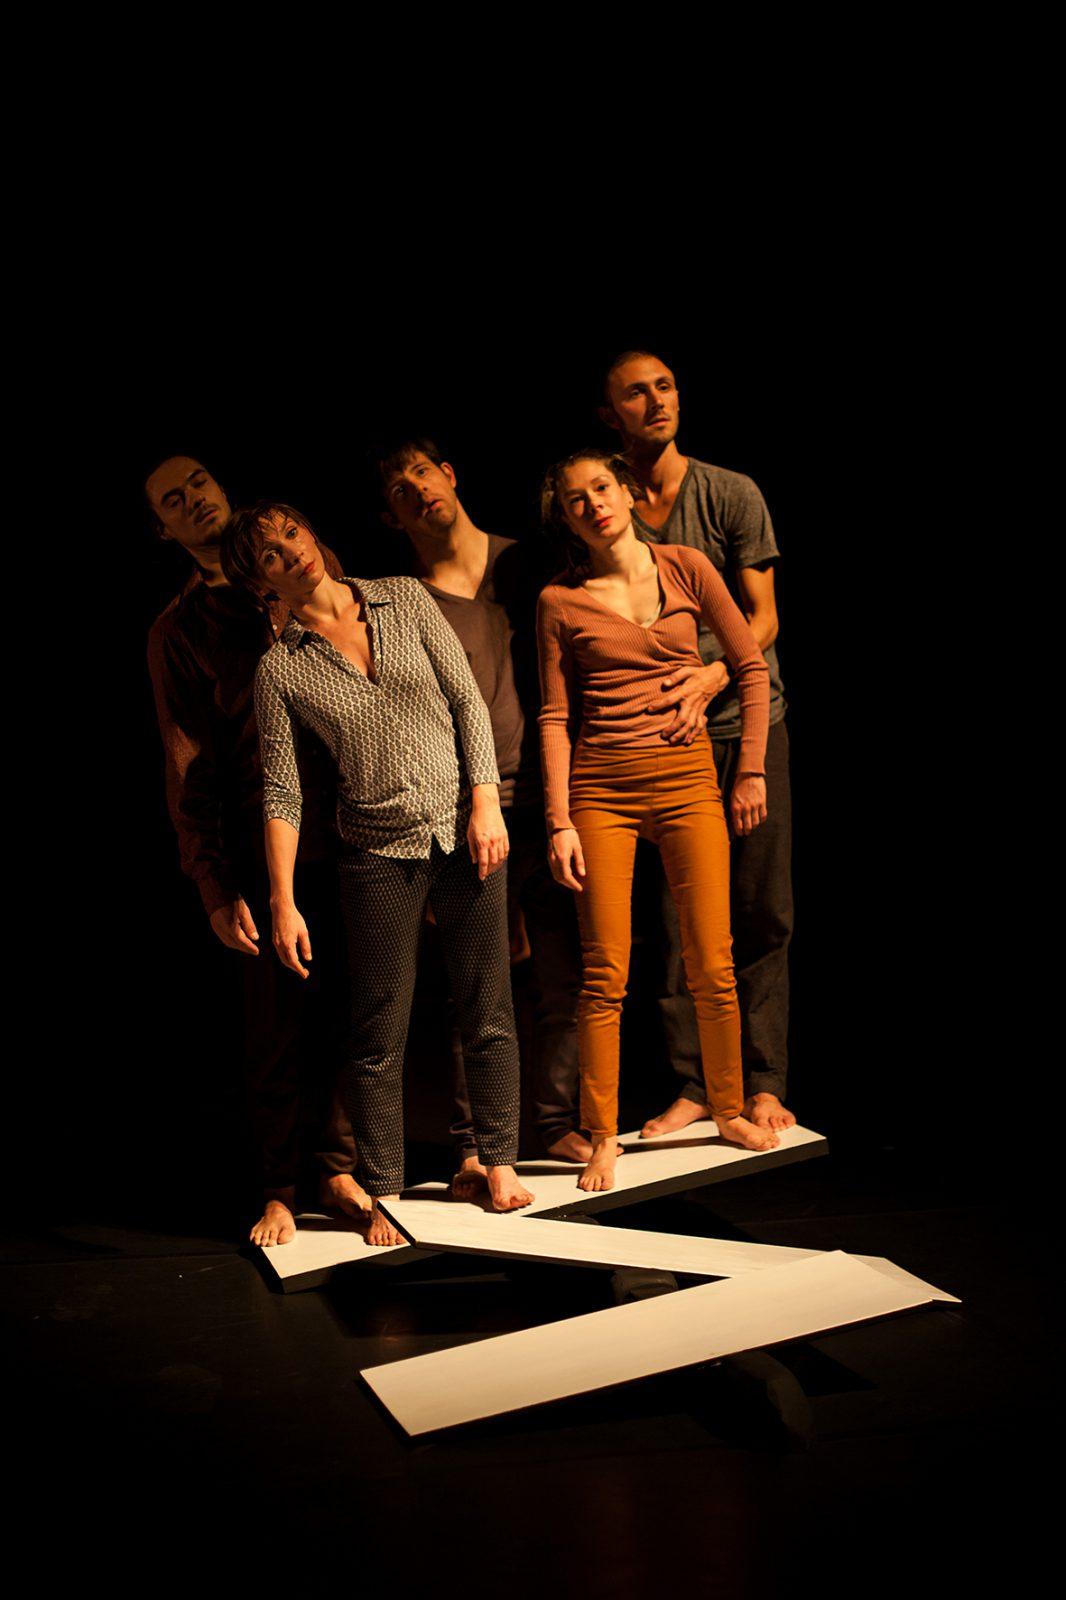 Fünf Tänzer stehen zur Seite geneigt auf einem Kippbrett